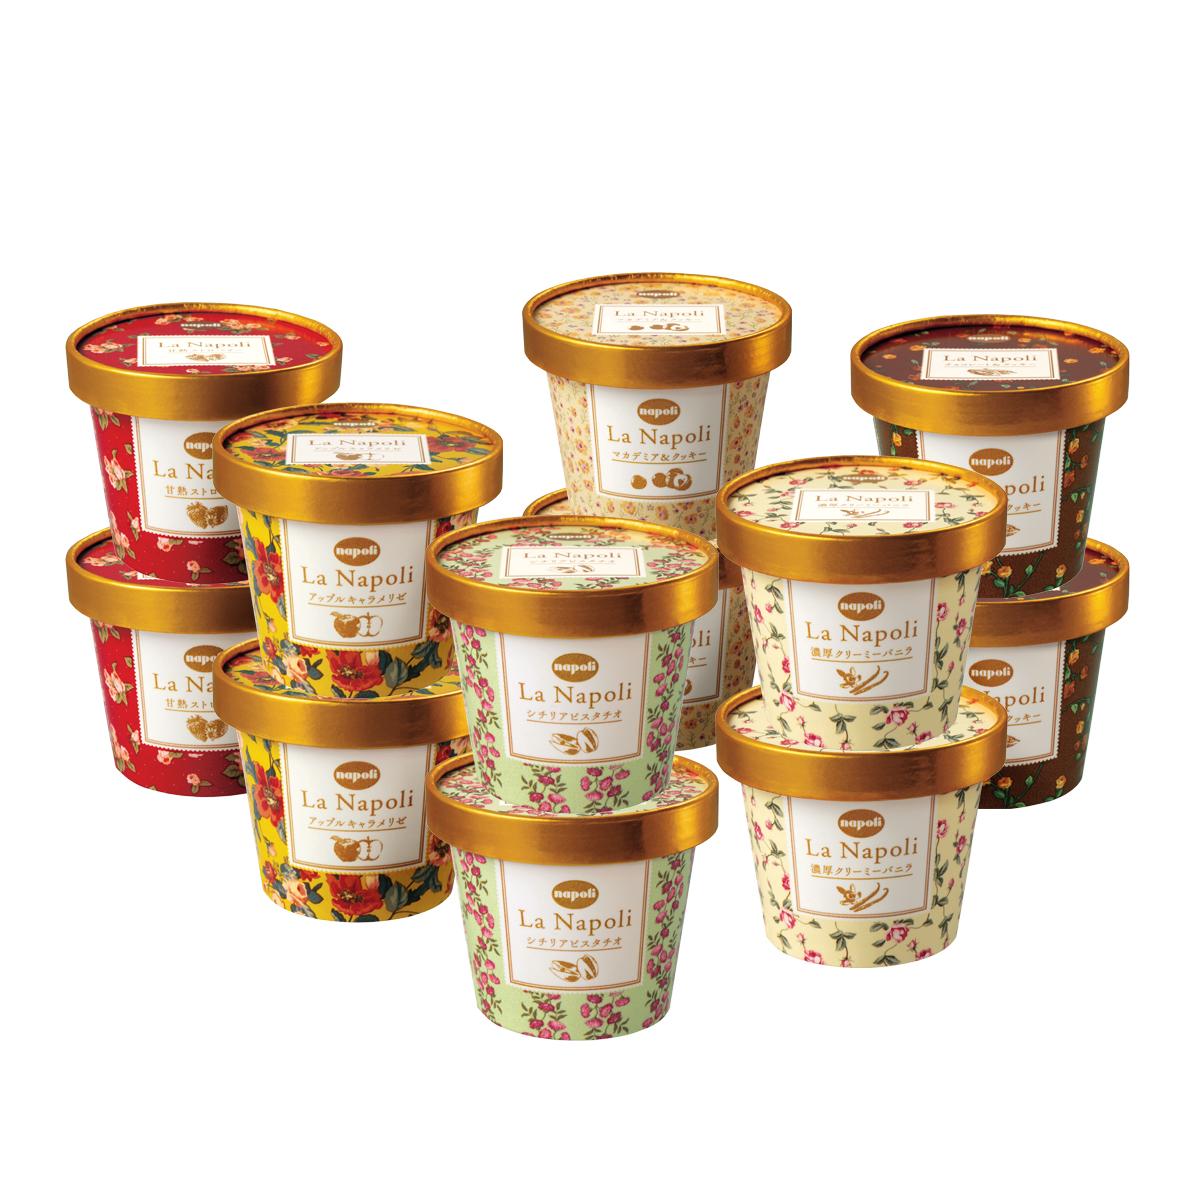 贅沢な素材にこだわったリッチな味わいのプレミアアイス お中元におすすめ ラ 購入 LN-12 ナポリの人気の贅沢12個セット 商品追加値下げ在庫復活